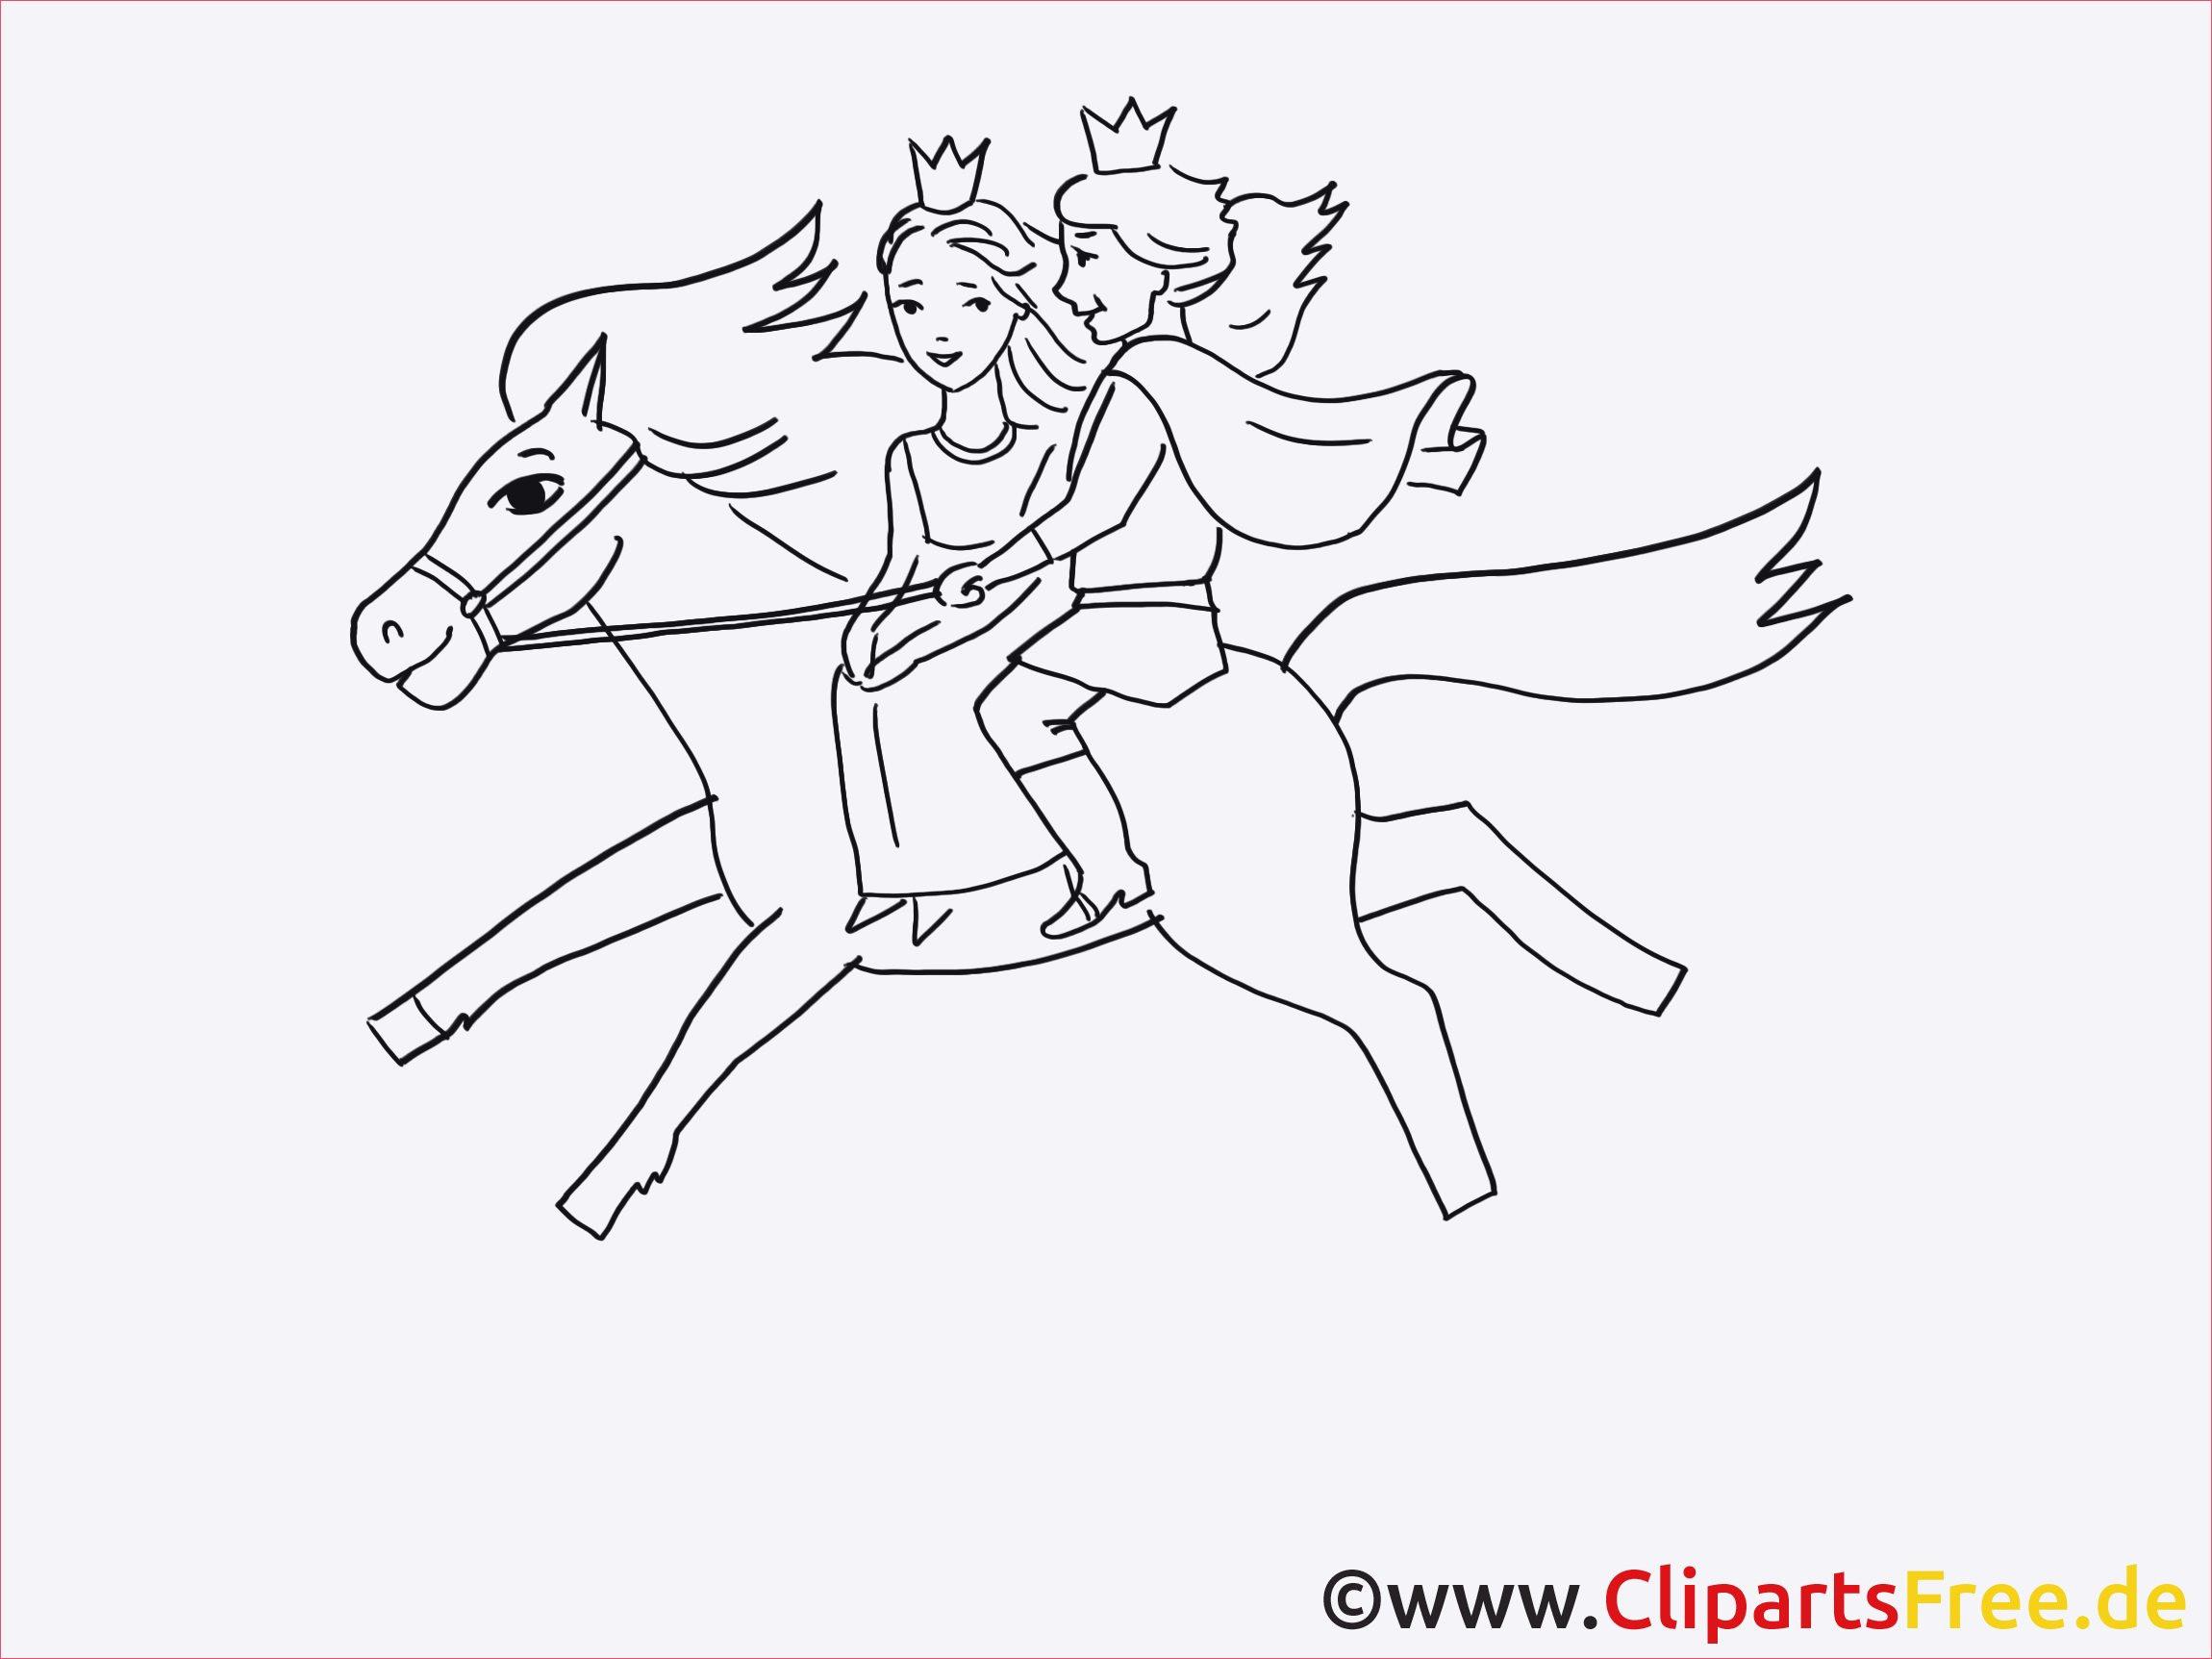 Ausmalbilder Pferde Mit Fohlen Genial 28 Inspirierend Einhorn Ausmalbilder Kostenlos Zum Ausdrucken Luxus Sammlung